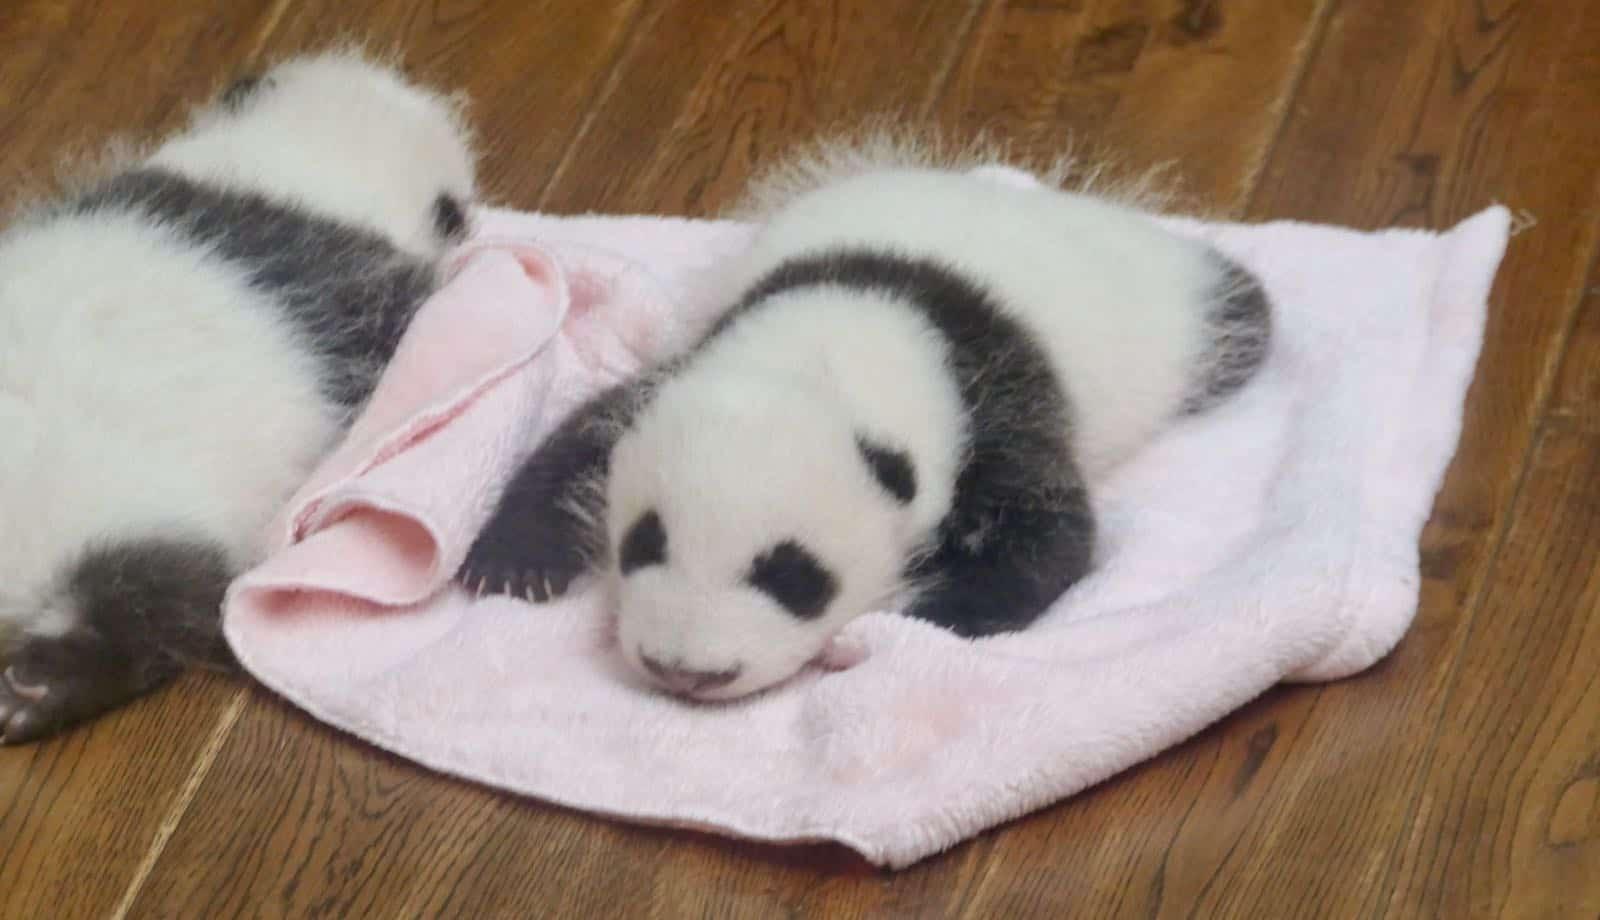 Baby Pandas betternotstop Chengdu China